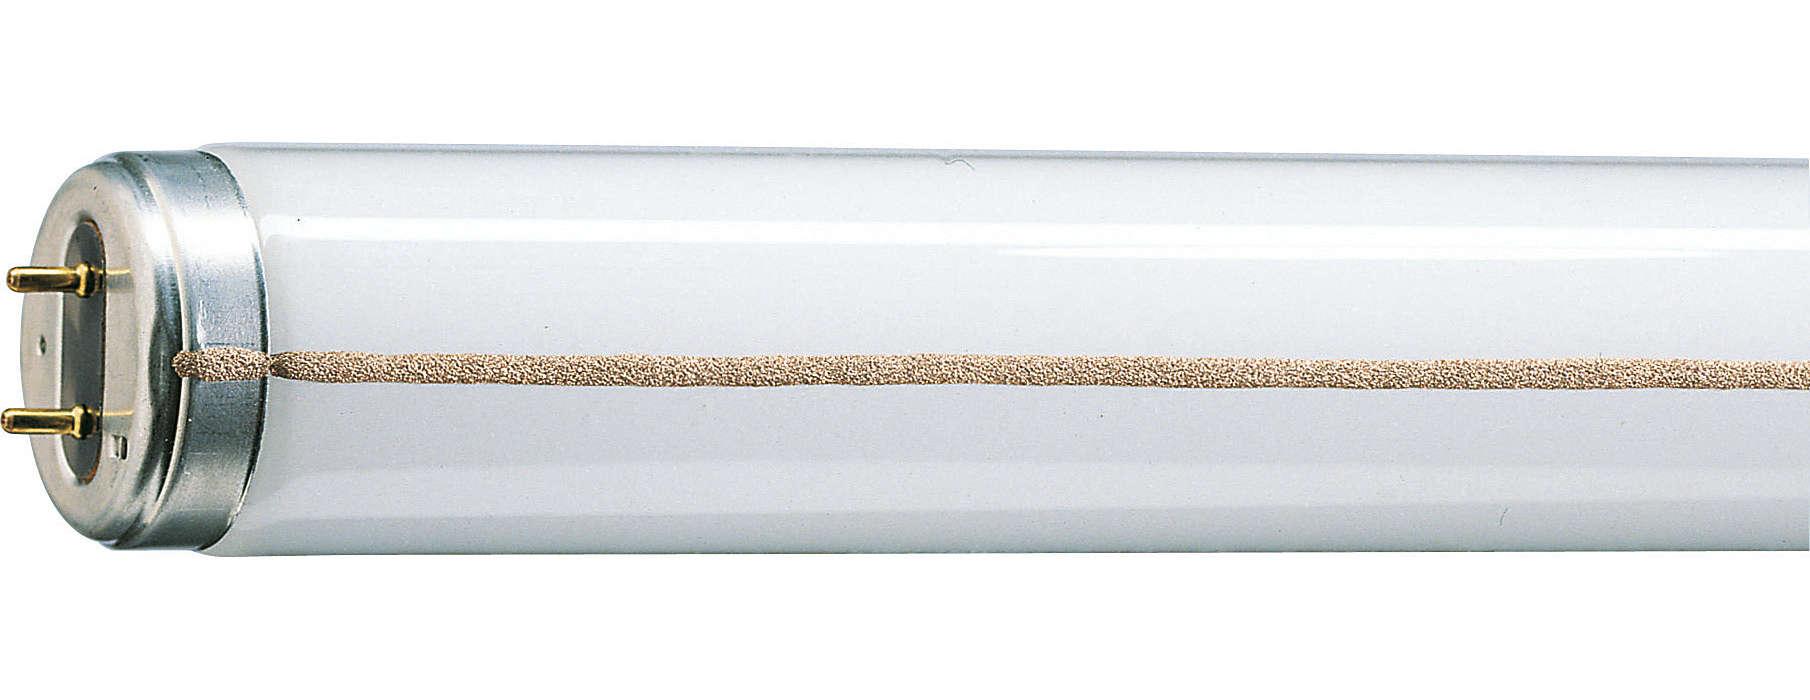 Lâmpada T12 para ignição fiável